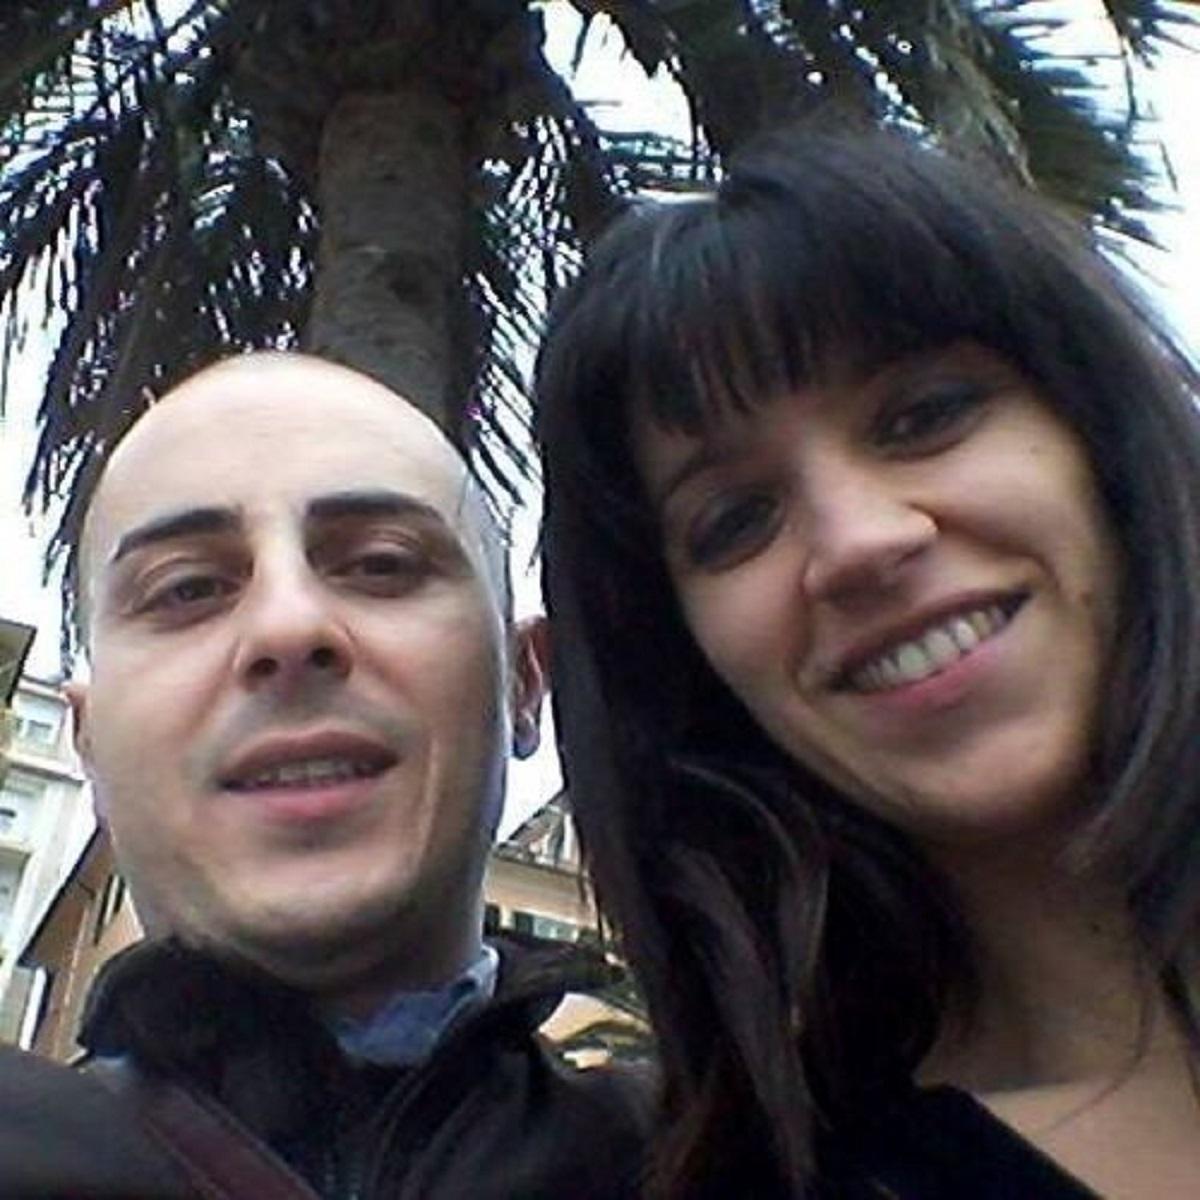 Torino Teodora Casasanta omicidio figlio Ludovico Alexandro Riccio carcere impiccato